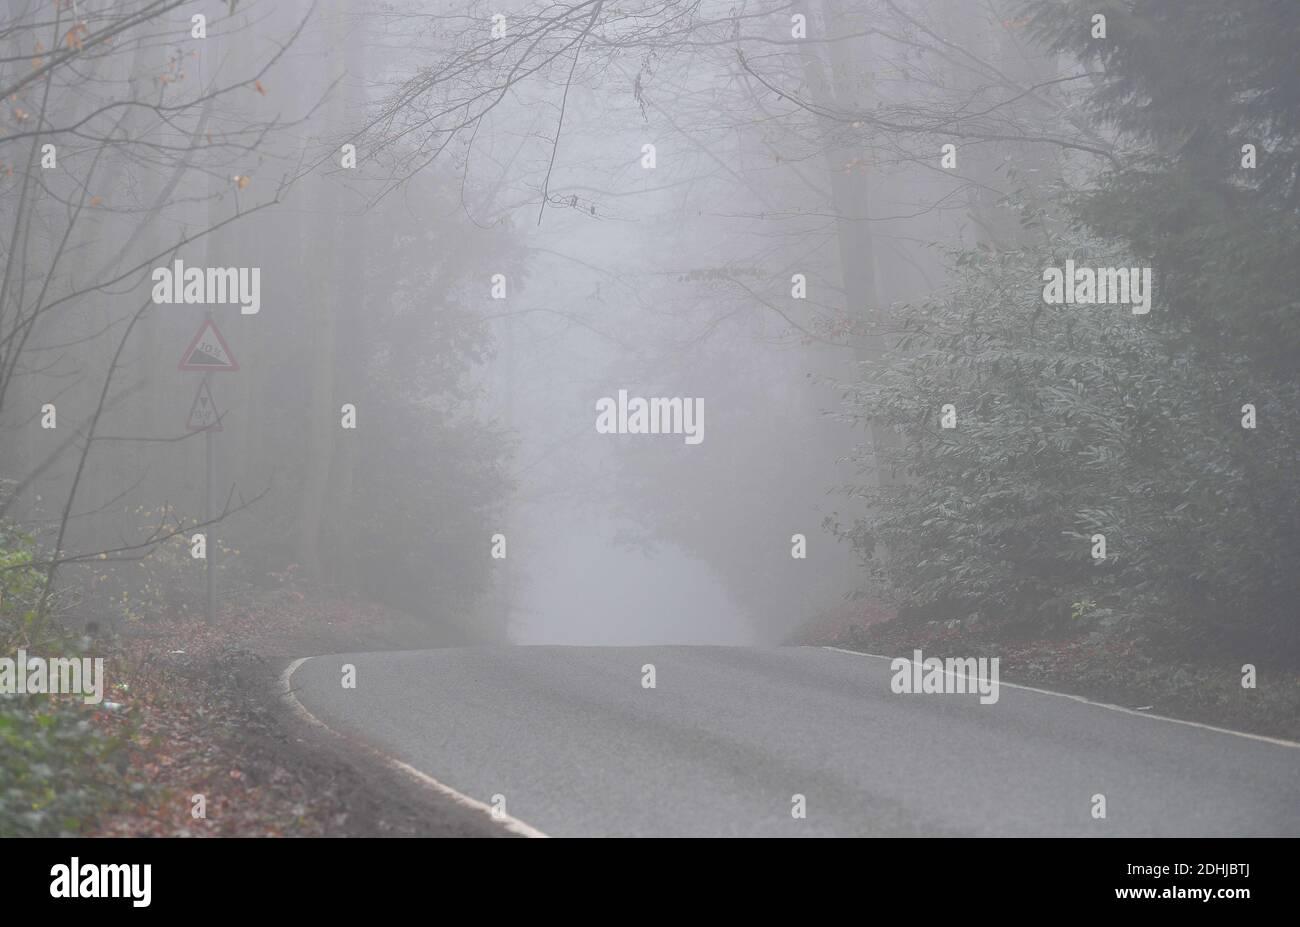 Stock Bilder von Nebel im Wald - North Downs in der Nähe von West Horsley, Surrey.- Dick Focks Common - Forestry Commission. Bild zeigt Nebel, Bäume, Nebel über dieser malerischen Gegend von Surrey. Bild aufgenommen am 7. Dezember 2020 Stockfoto